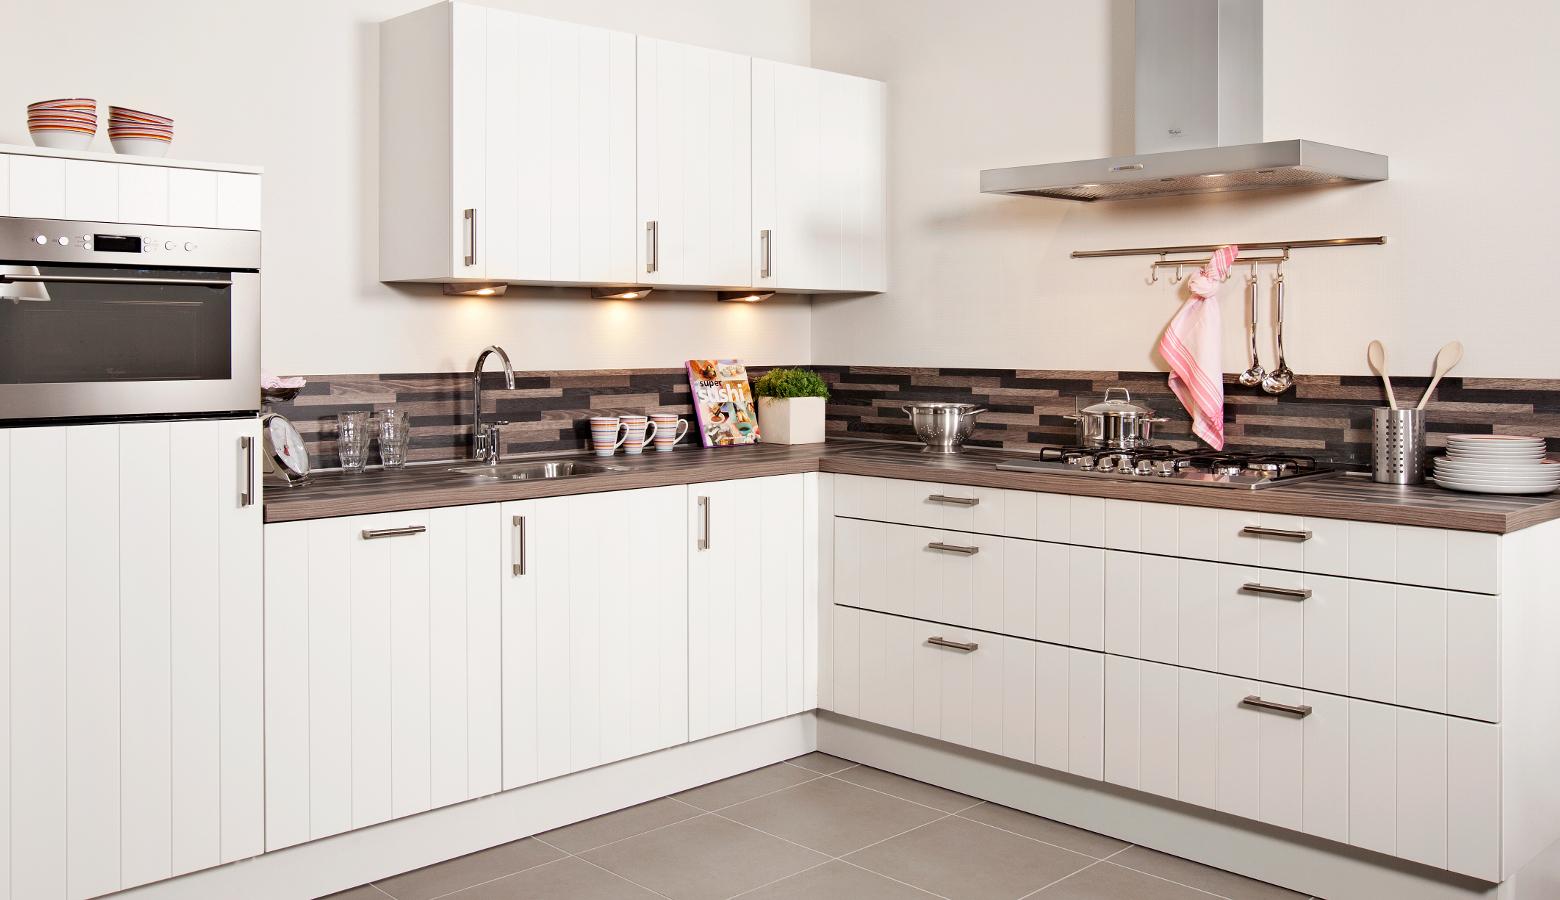 Kosten Houten Keuken : Figino bekijk deze keuken online bij keuken kampioen